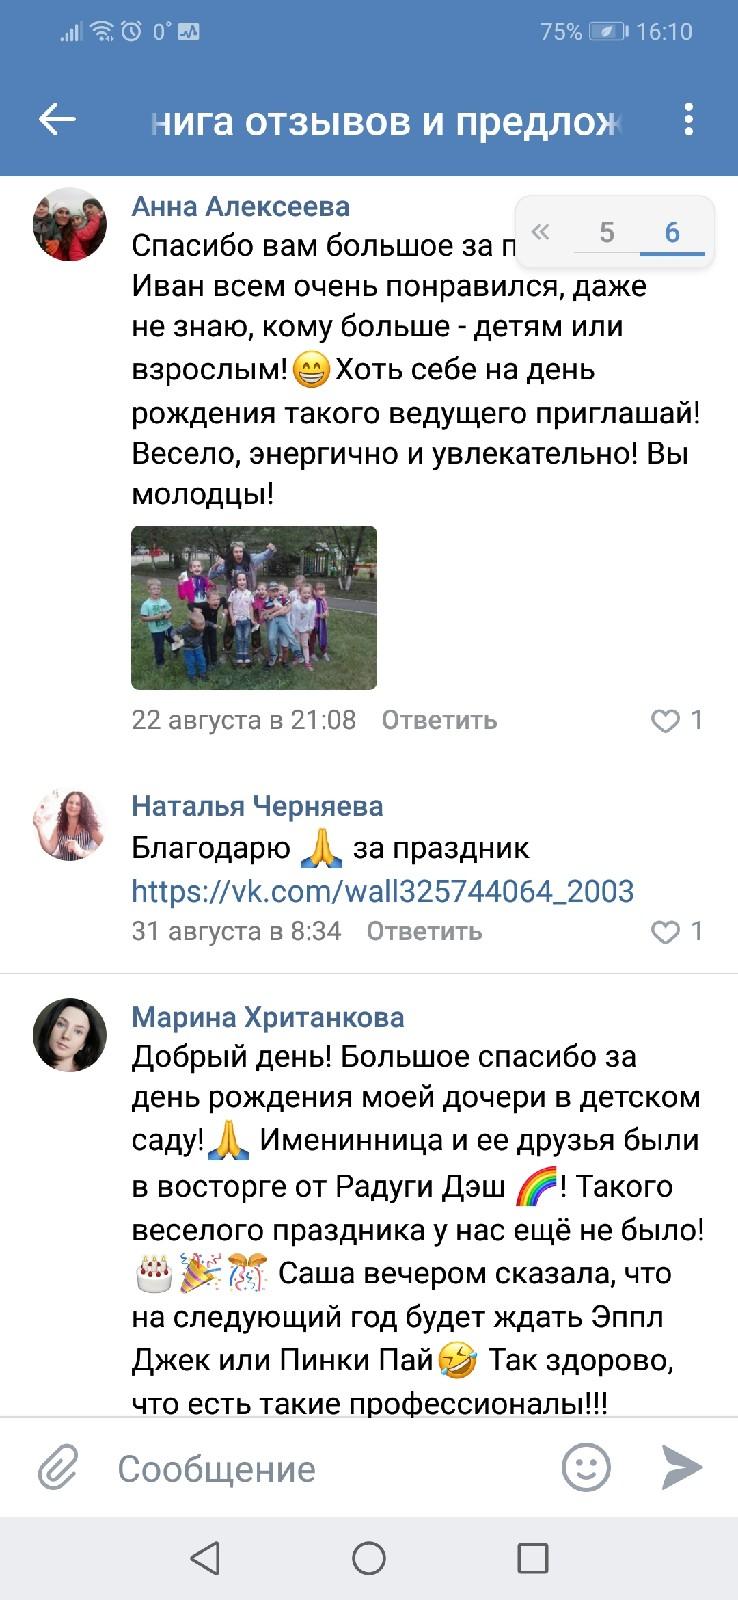 Отзывы об аниматоре в Красноярске